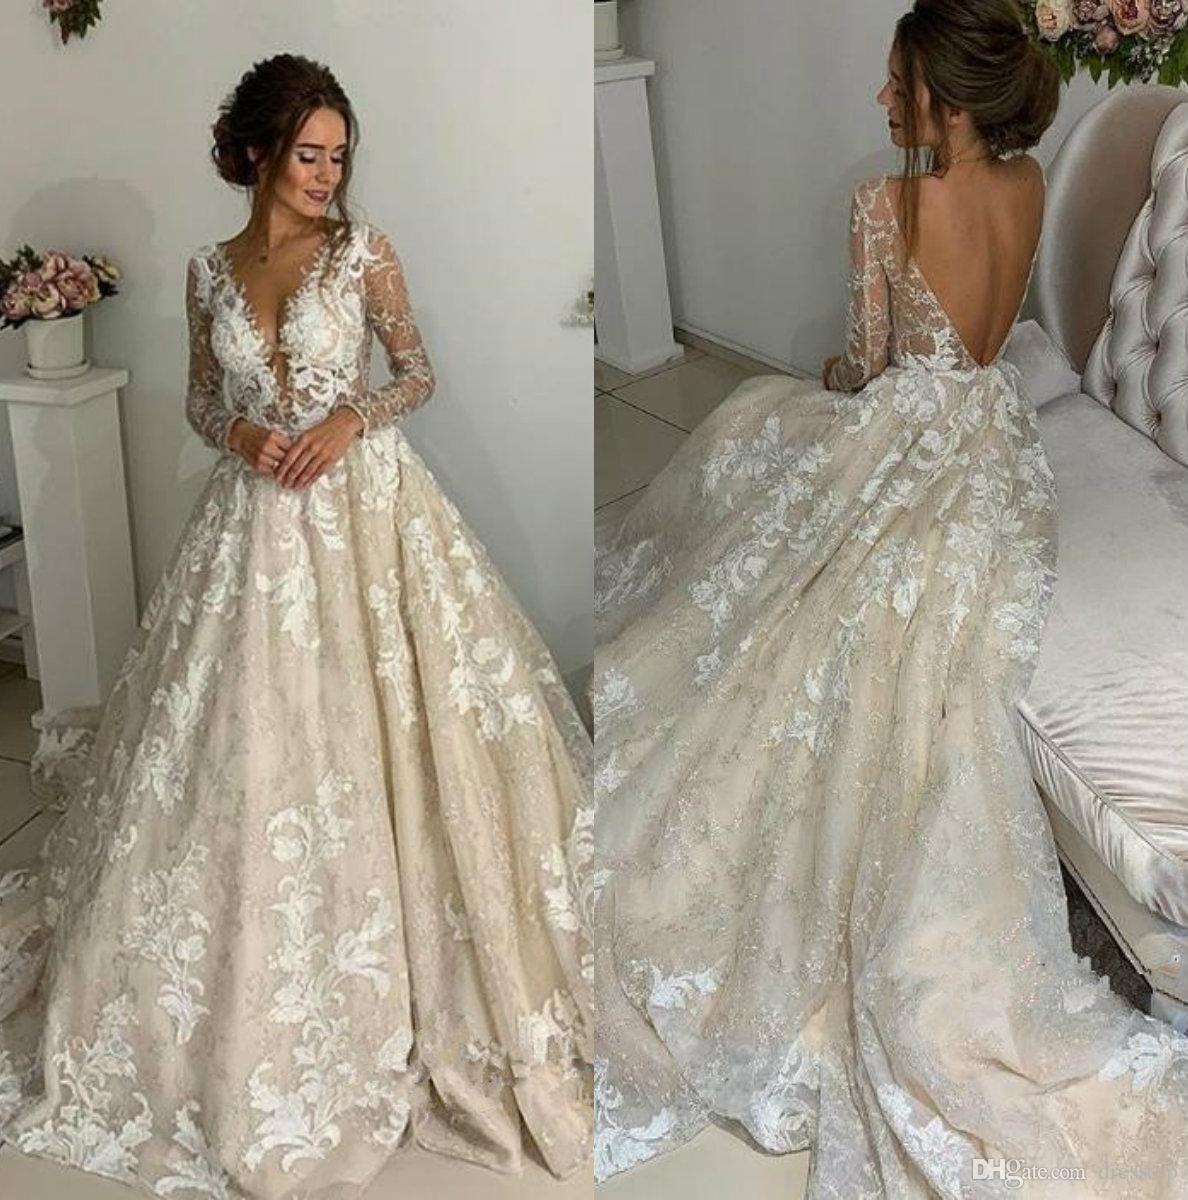 Großhandel Vintage Rückenfreie Brautkleider V Ausschnitt Rückenfreie Spitze  Brautkleider Mit Langen Ärmeln Boho Land Hochzeitskleid Plus Größe Von